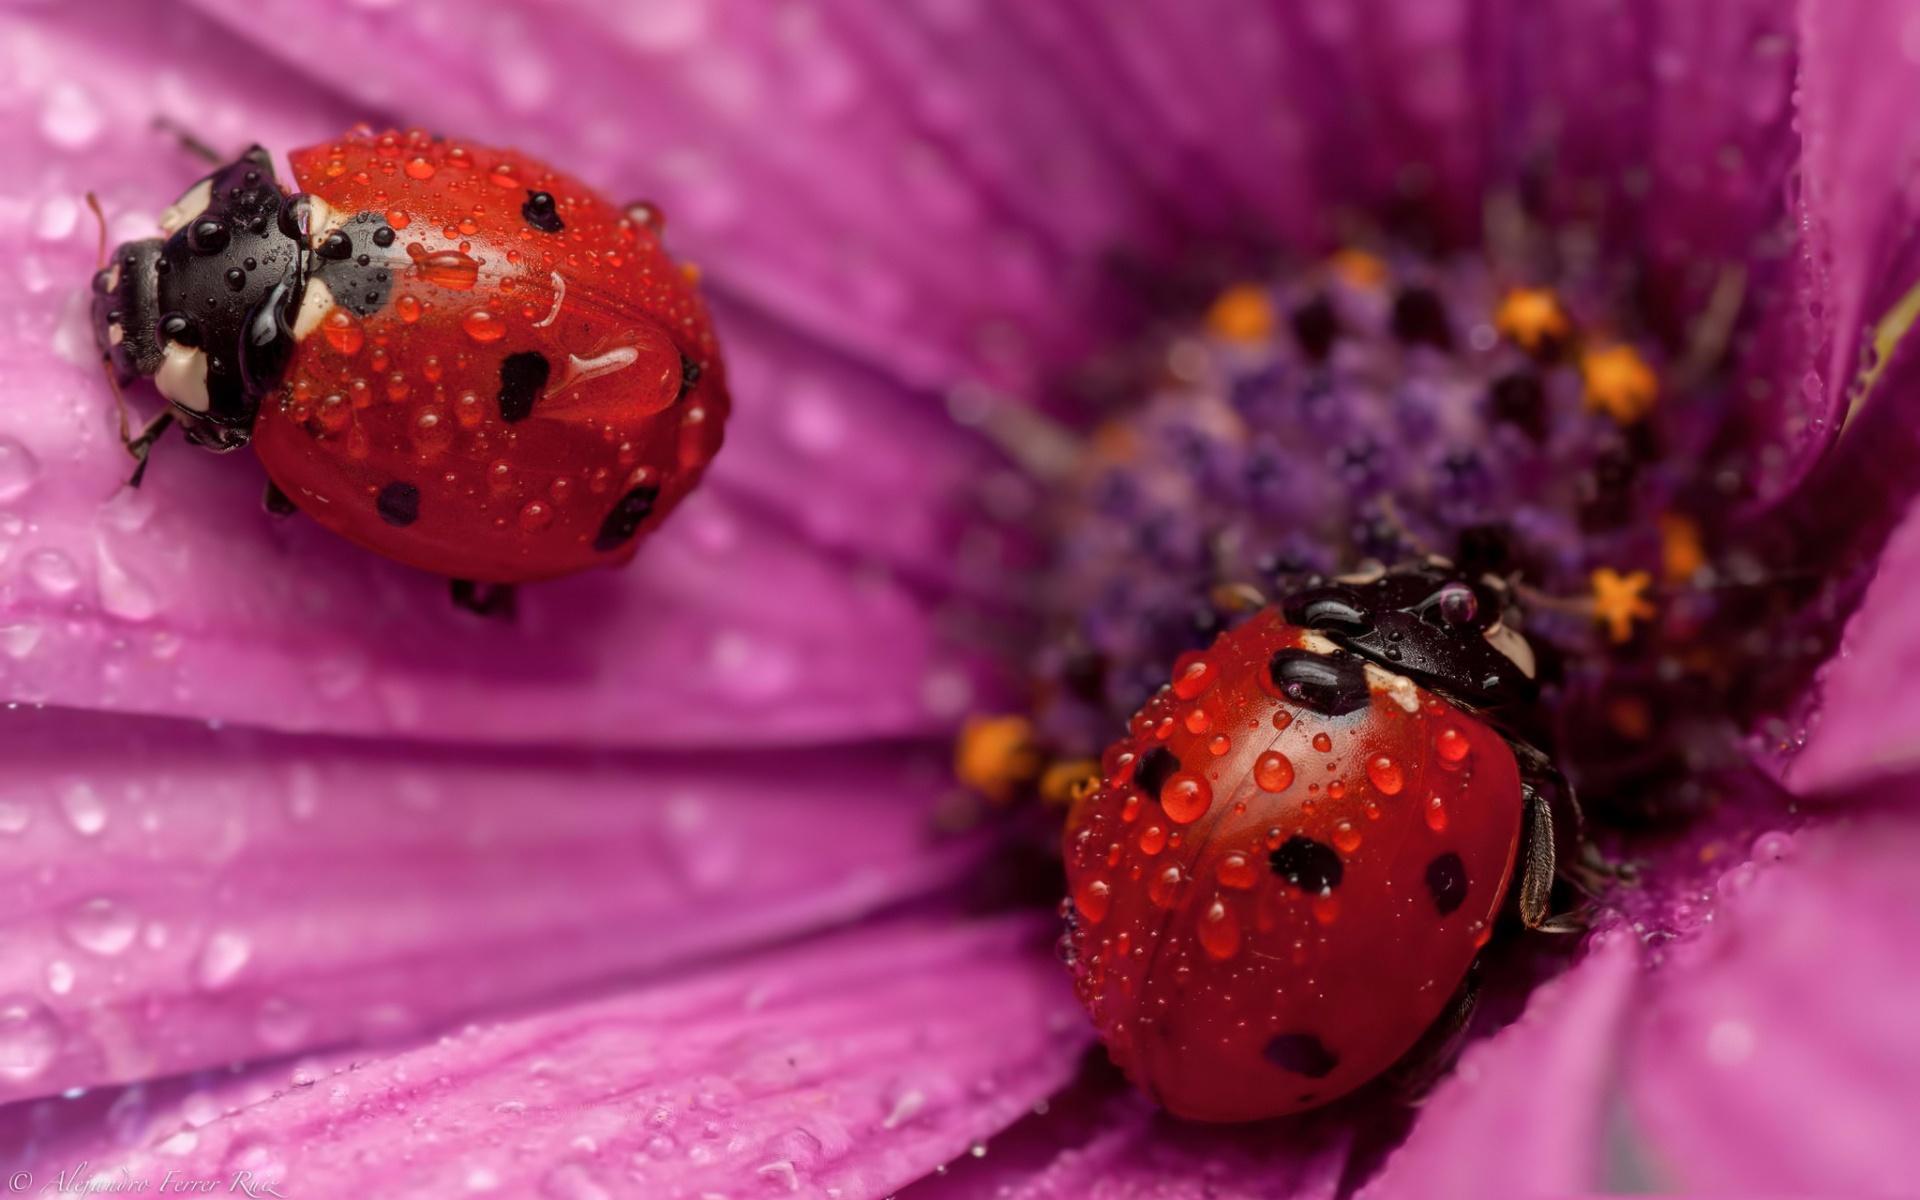 Картинки Божьи коровки насекомое Капли животное Крупным планом Насекомые капля капель капельки вблизи Животные